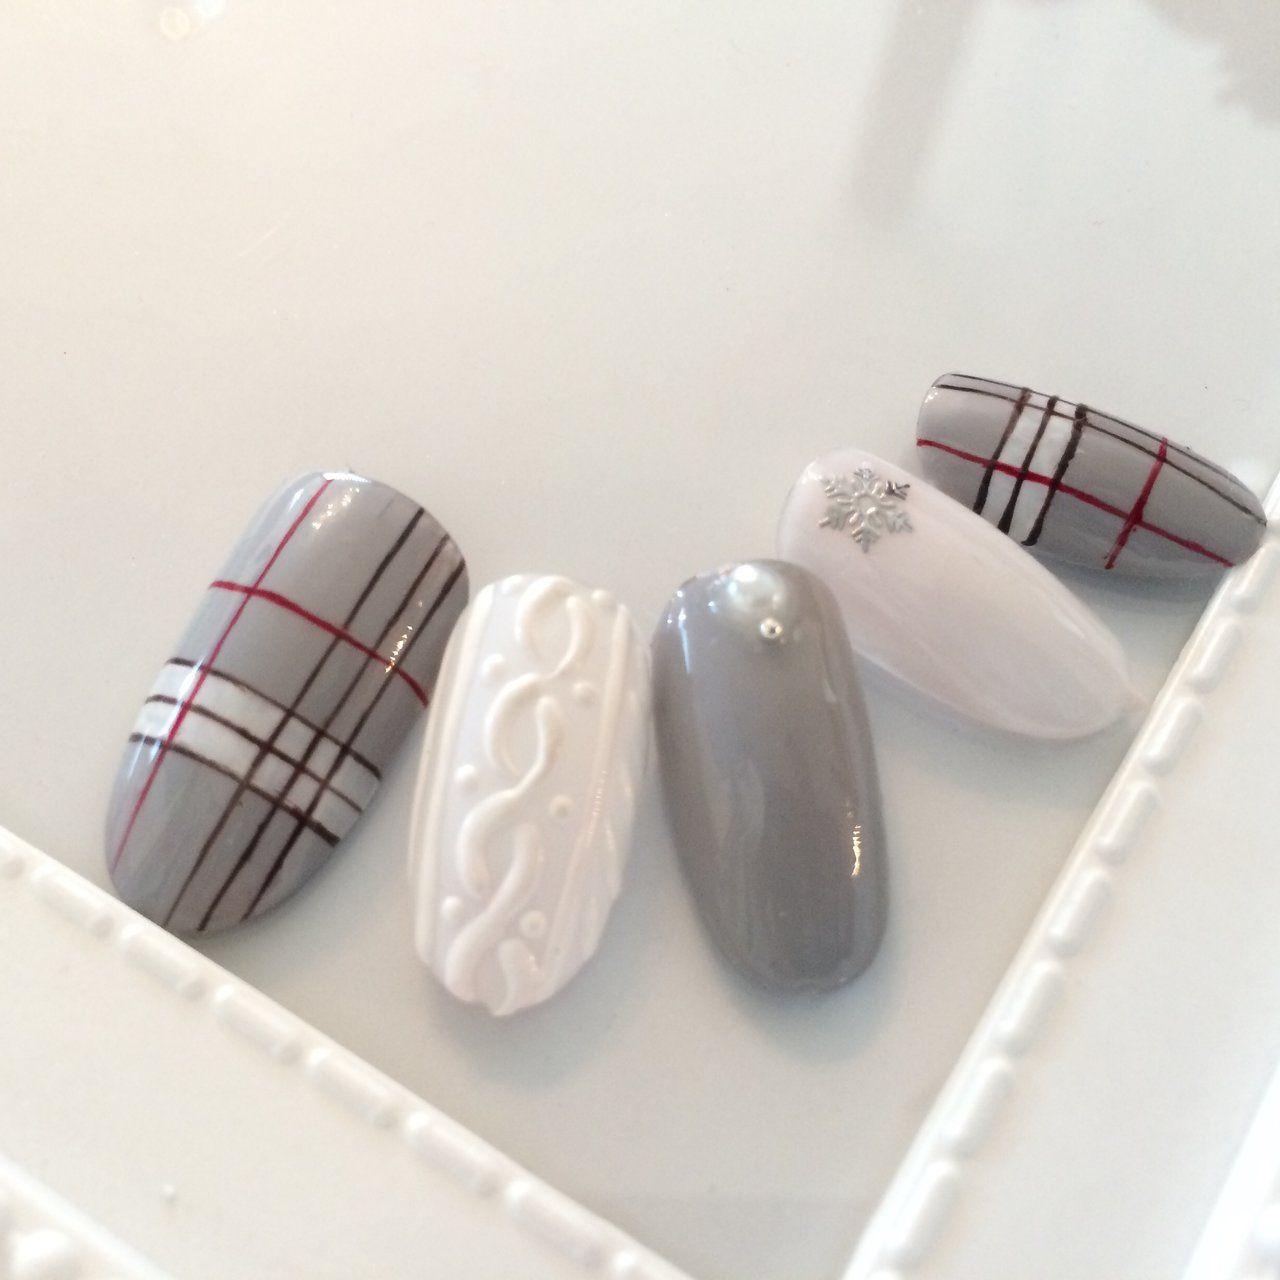 冬/クリスマス/オフィス/デート/ハンド – nail salon PAINT 吉祥寺のネイルデザイン[No.2646513] ネイルブック